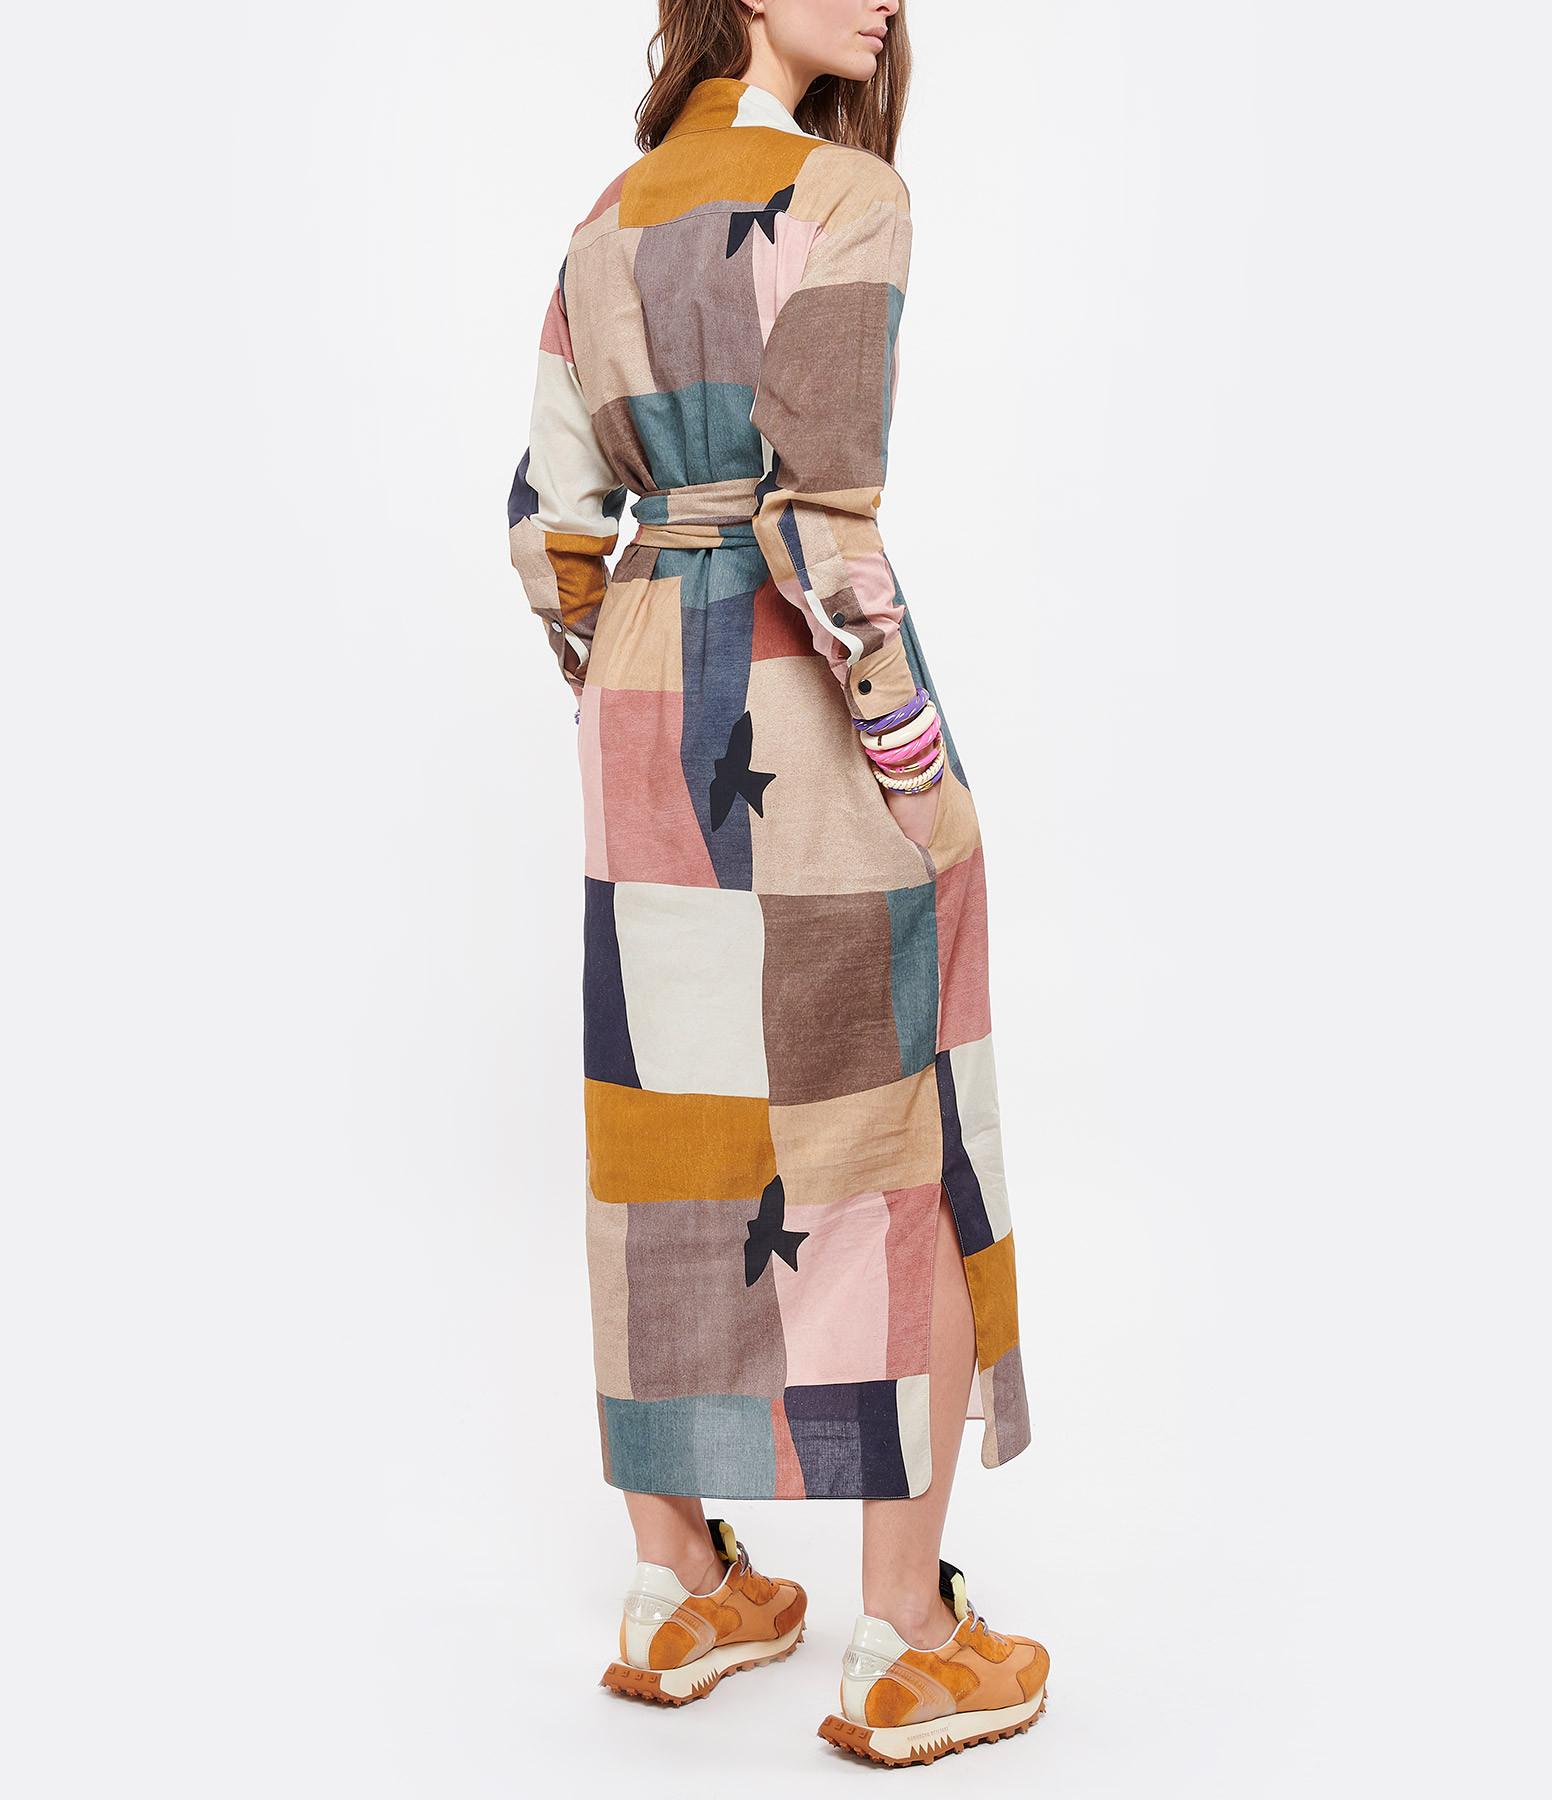 VALENTINE GAUTHIER - Robe Moma Coton Biologique Modernism Imprimé